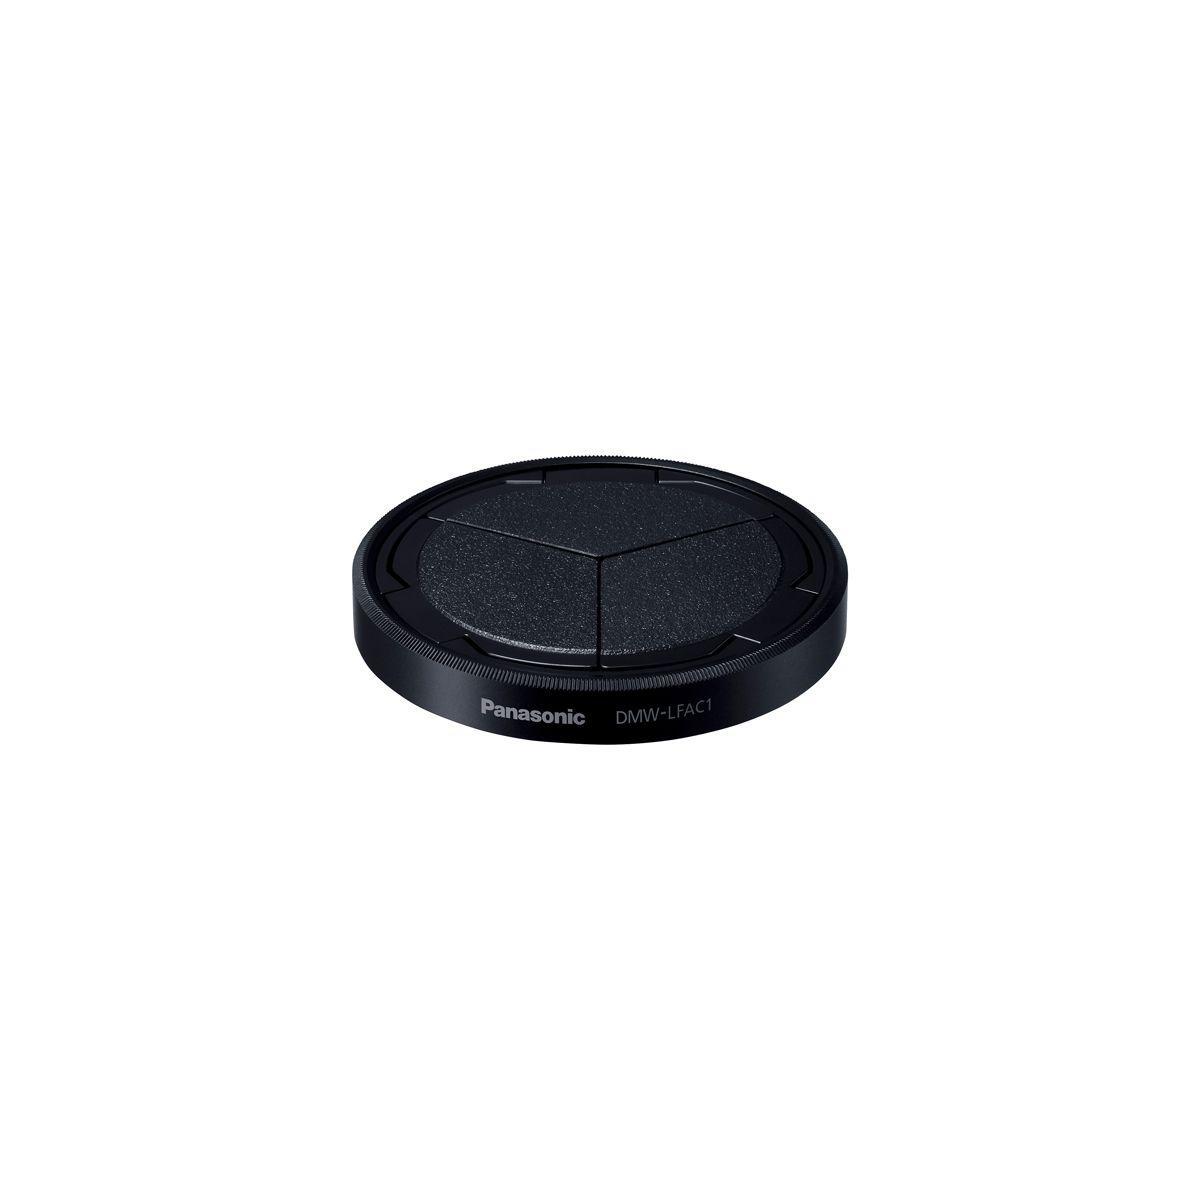 Bouchon panasonic dmw-lfac1 noir - 2% de remise immédiate avec le code : fete2 (photo)